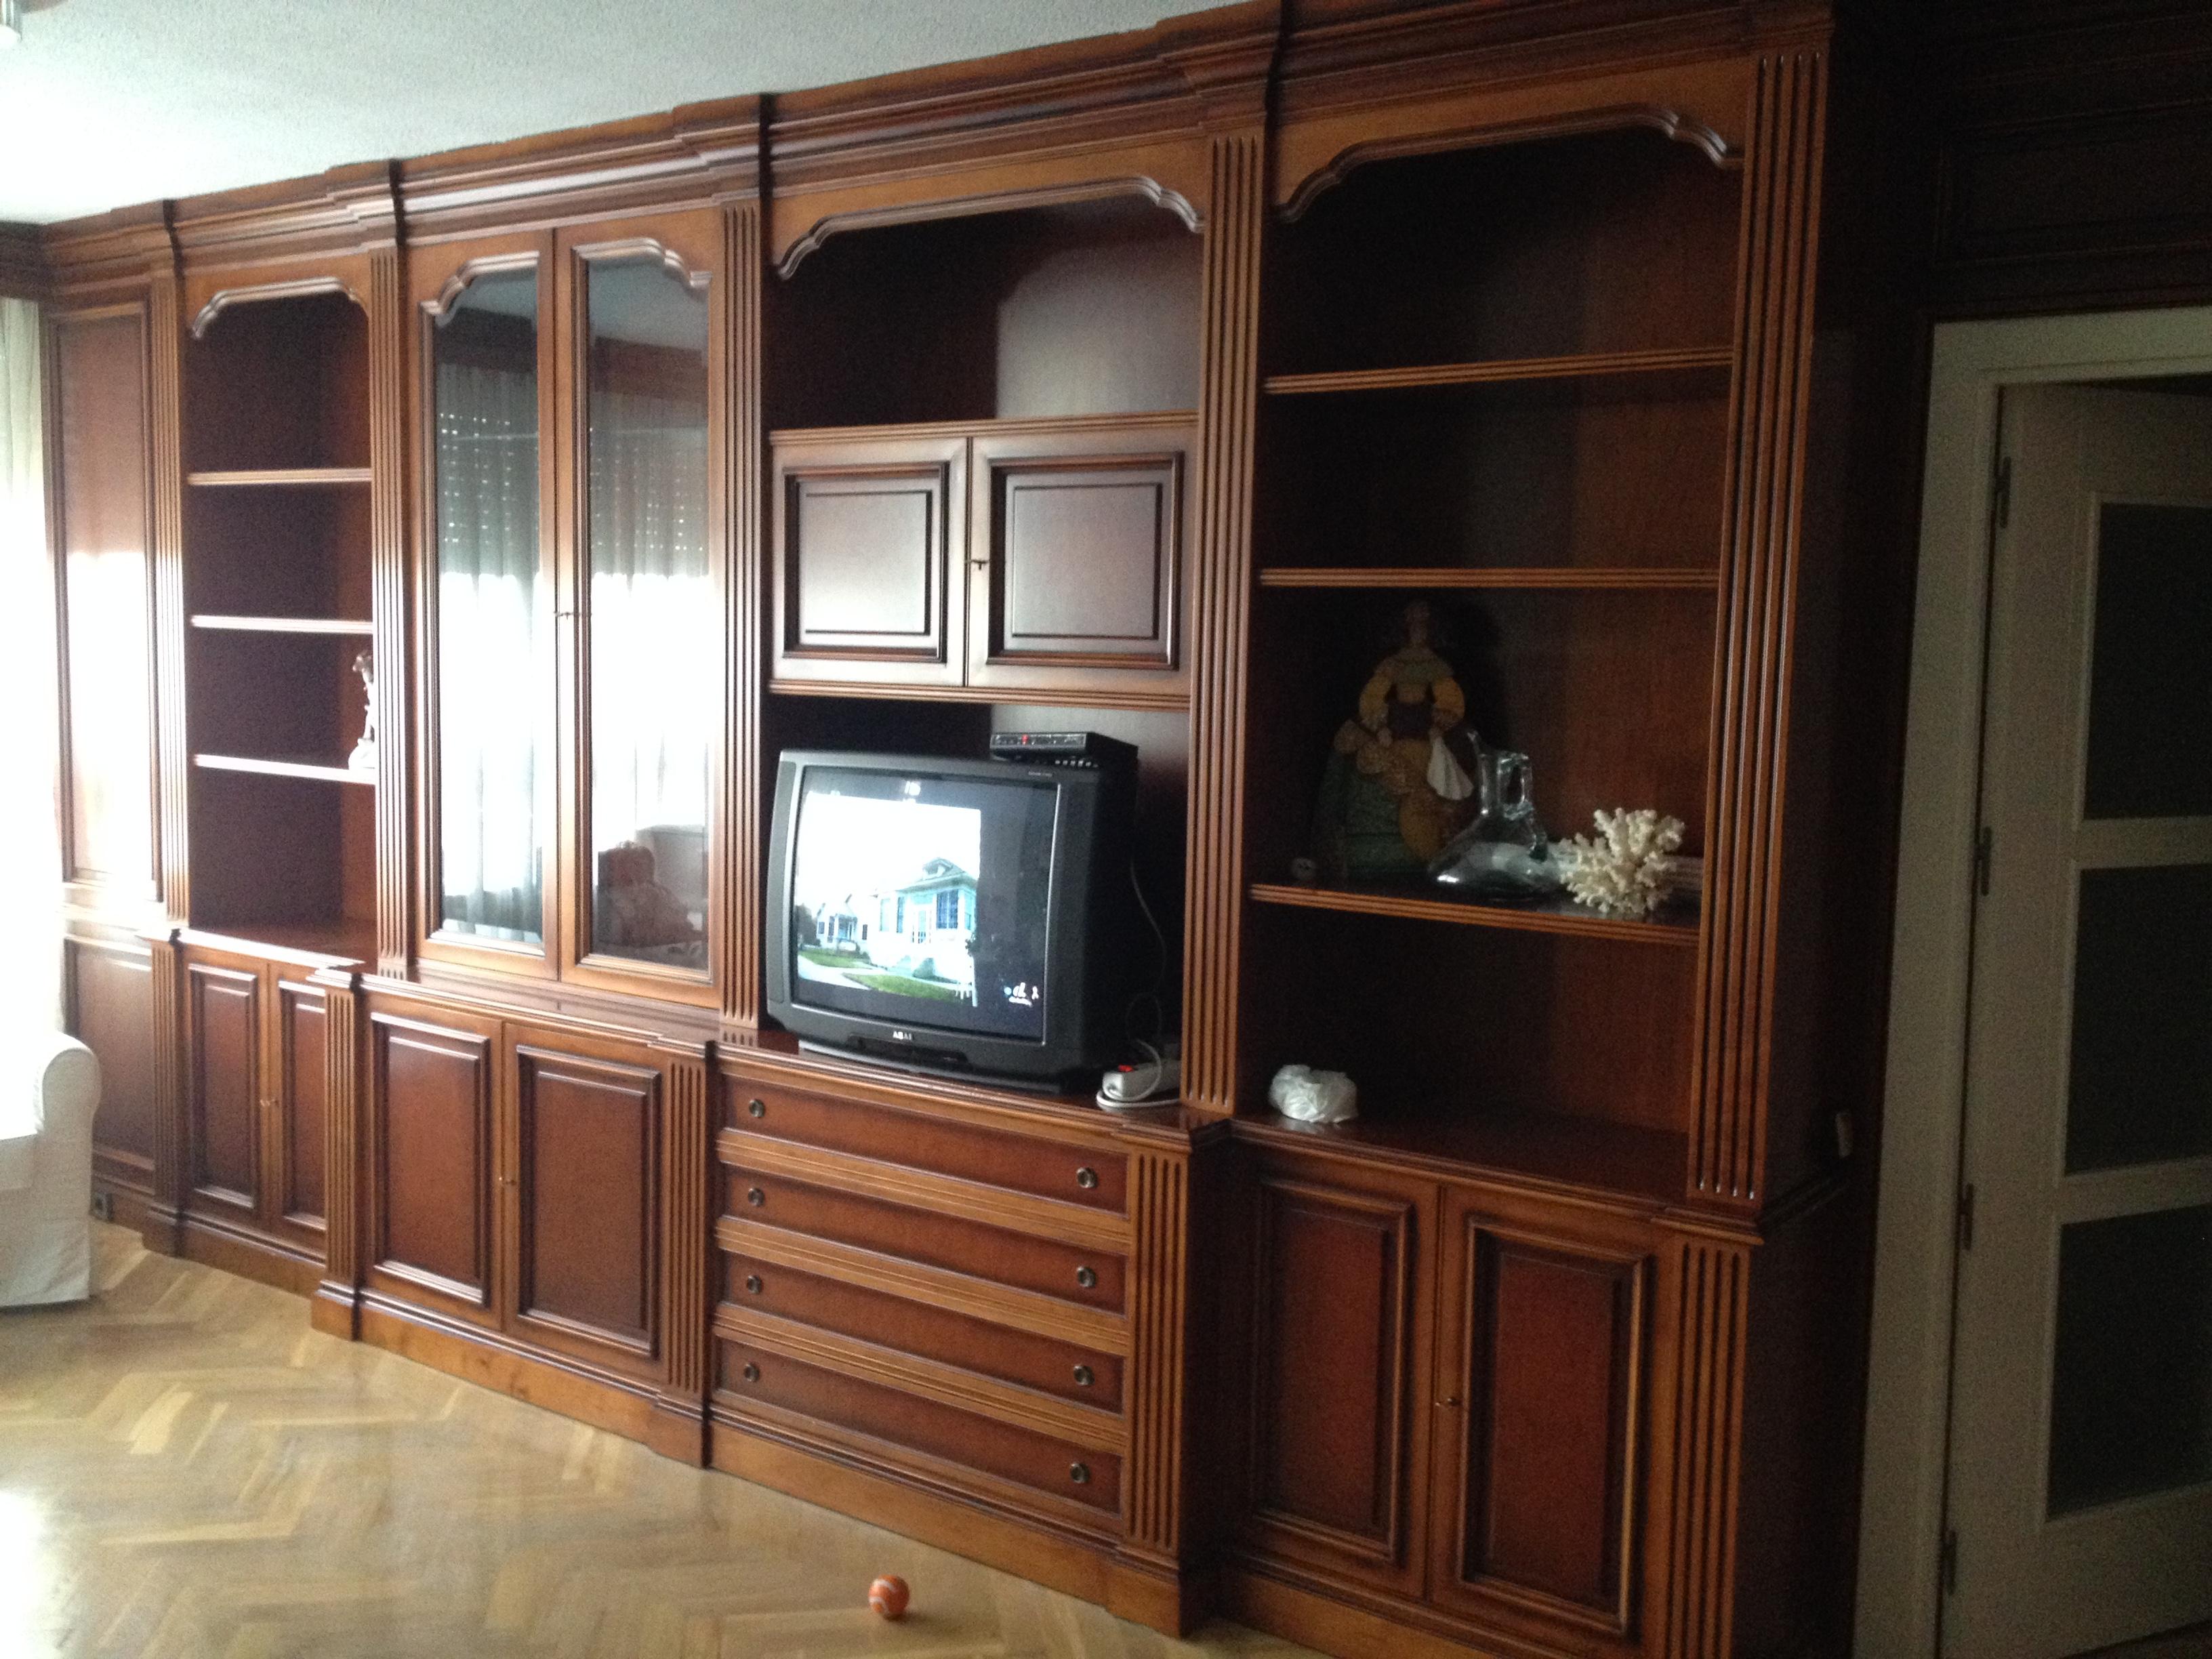 Combinar muebles cerezo y blanco beautiful en baos hay - Combinar muebles en color cerezo y blanco ...